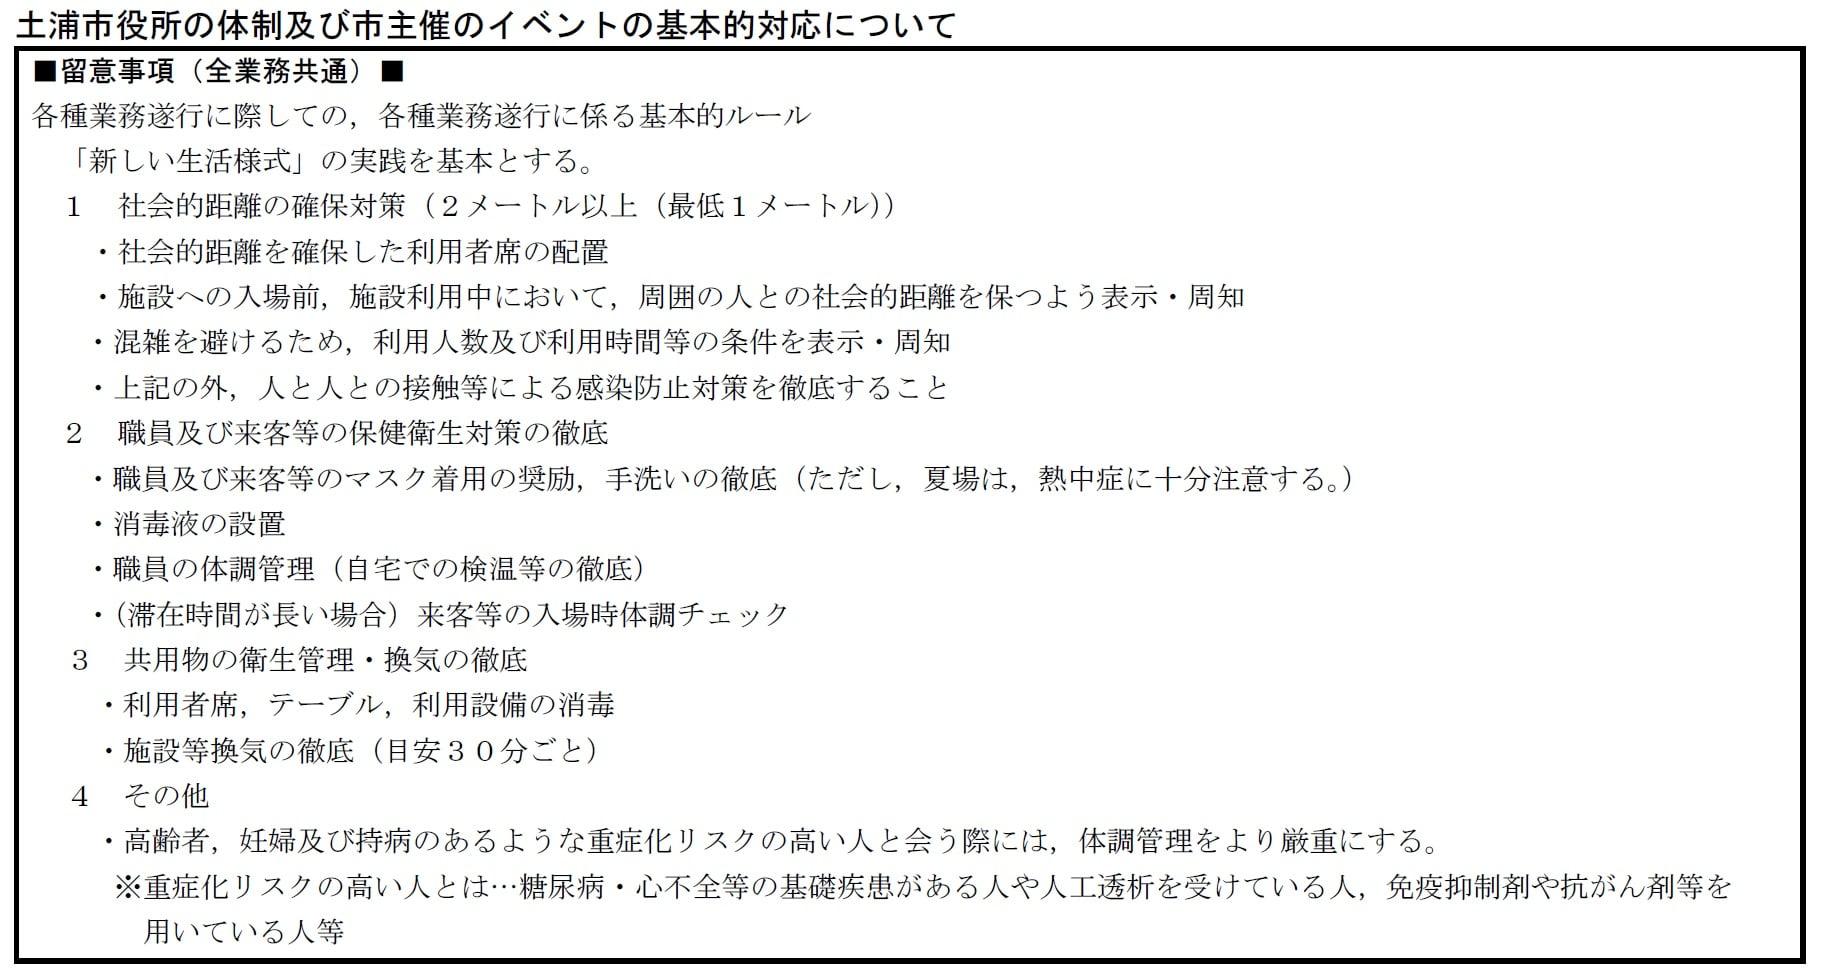 茨城版コロナNext Ver.2のステージ3→2へ緩和page-visual 茨城版コロナNext Ver.2のステージ3→2へ緩和ビジュアル